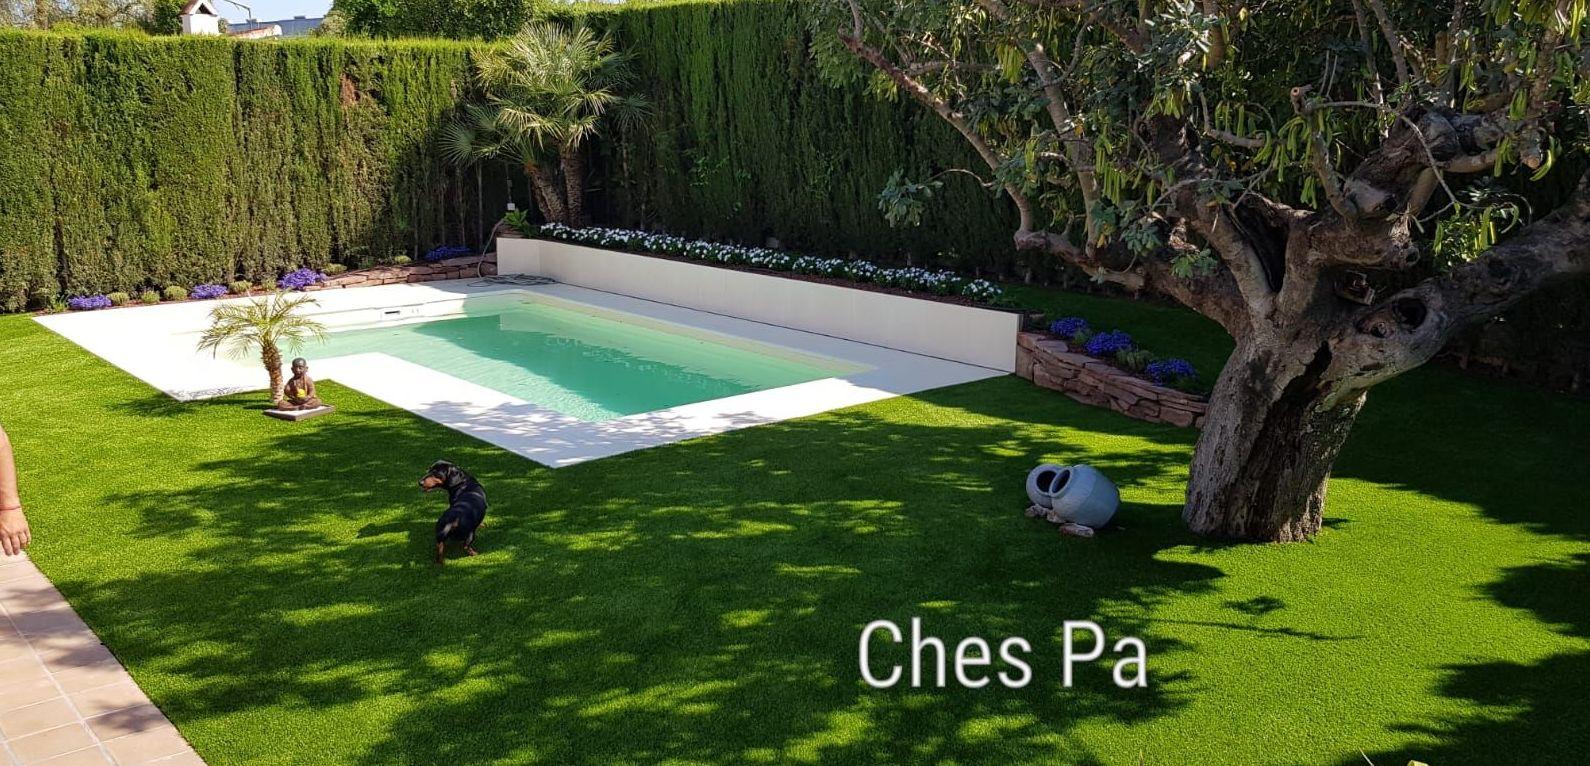 Proyecto integral paisajismo, diseño, piscina, césped artificial, plantas, luz, riego y además en jardín particular en Valencia